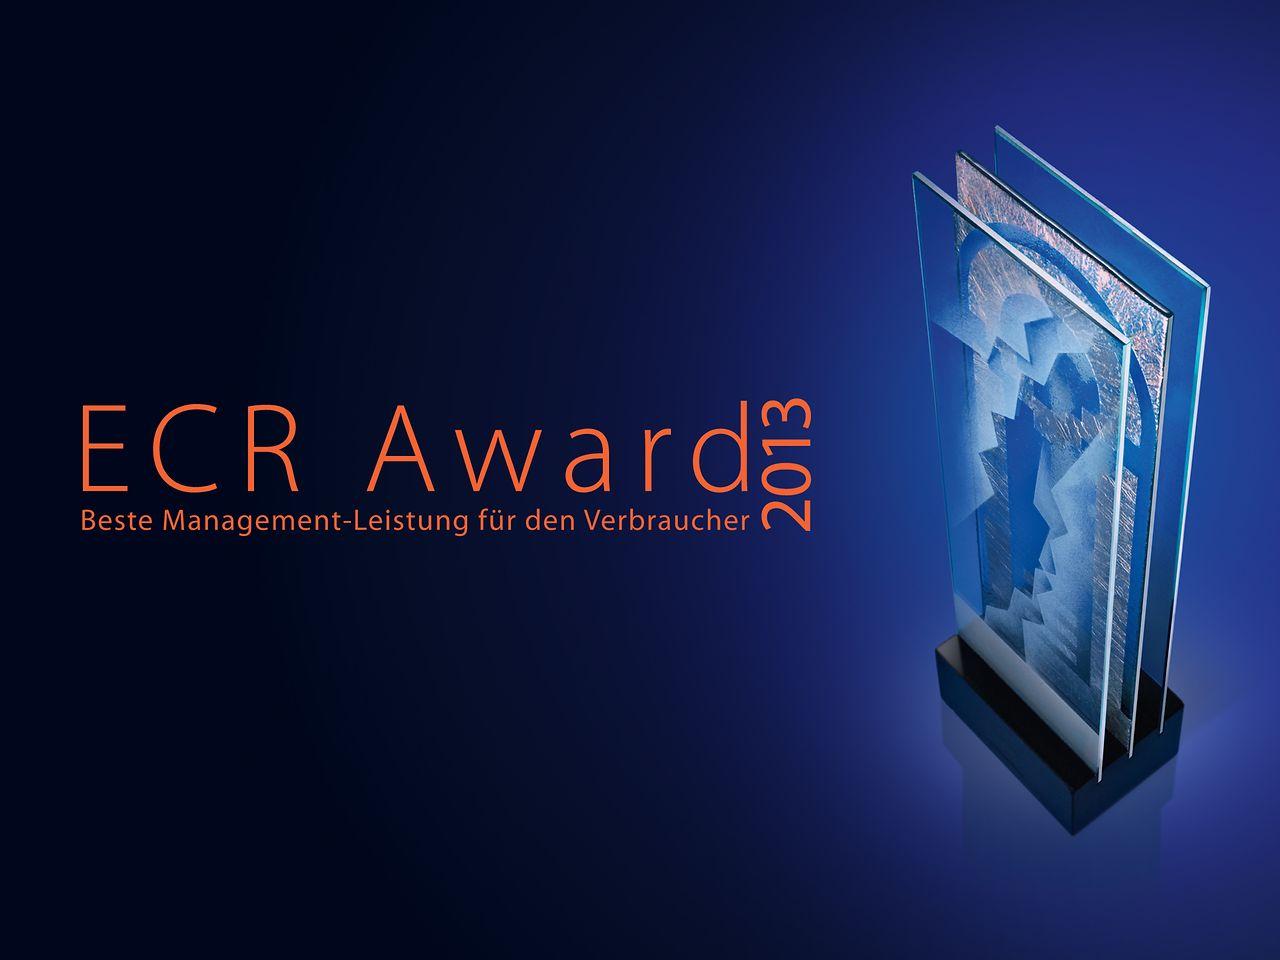 ECR Award 2013